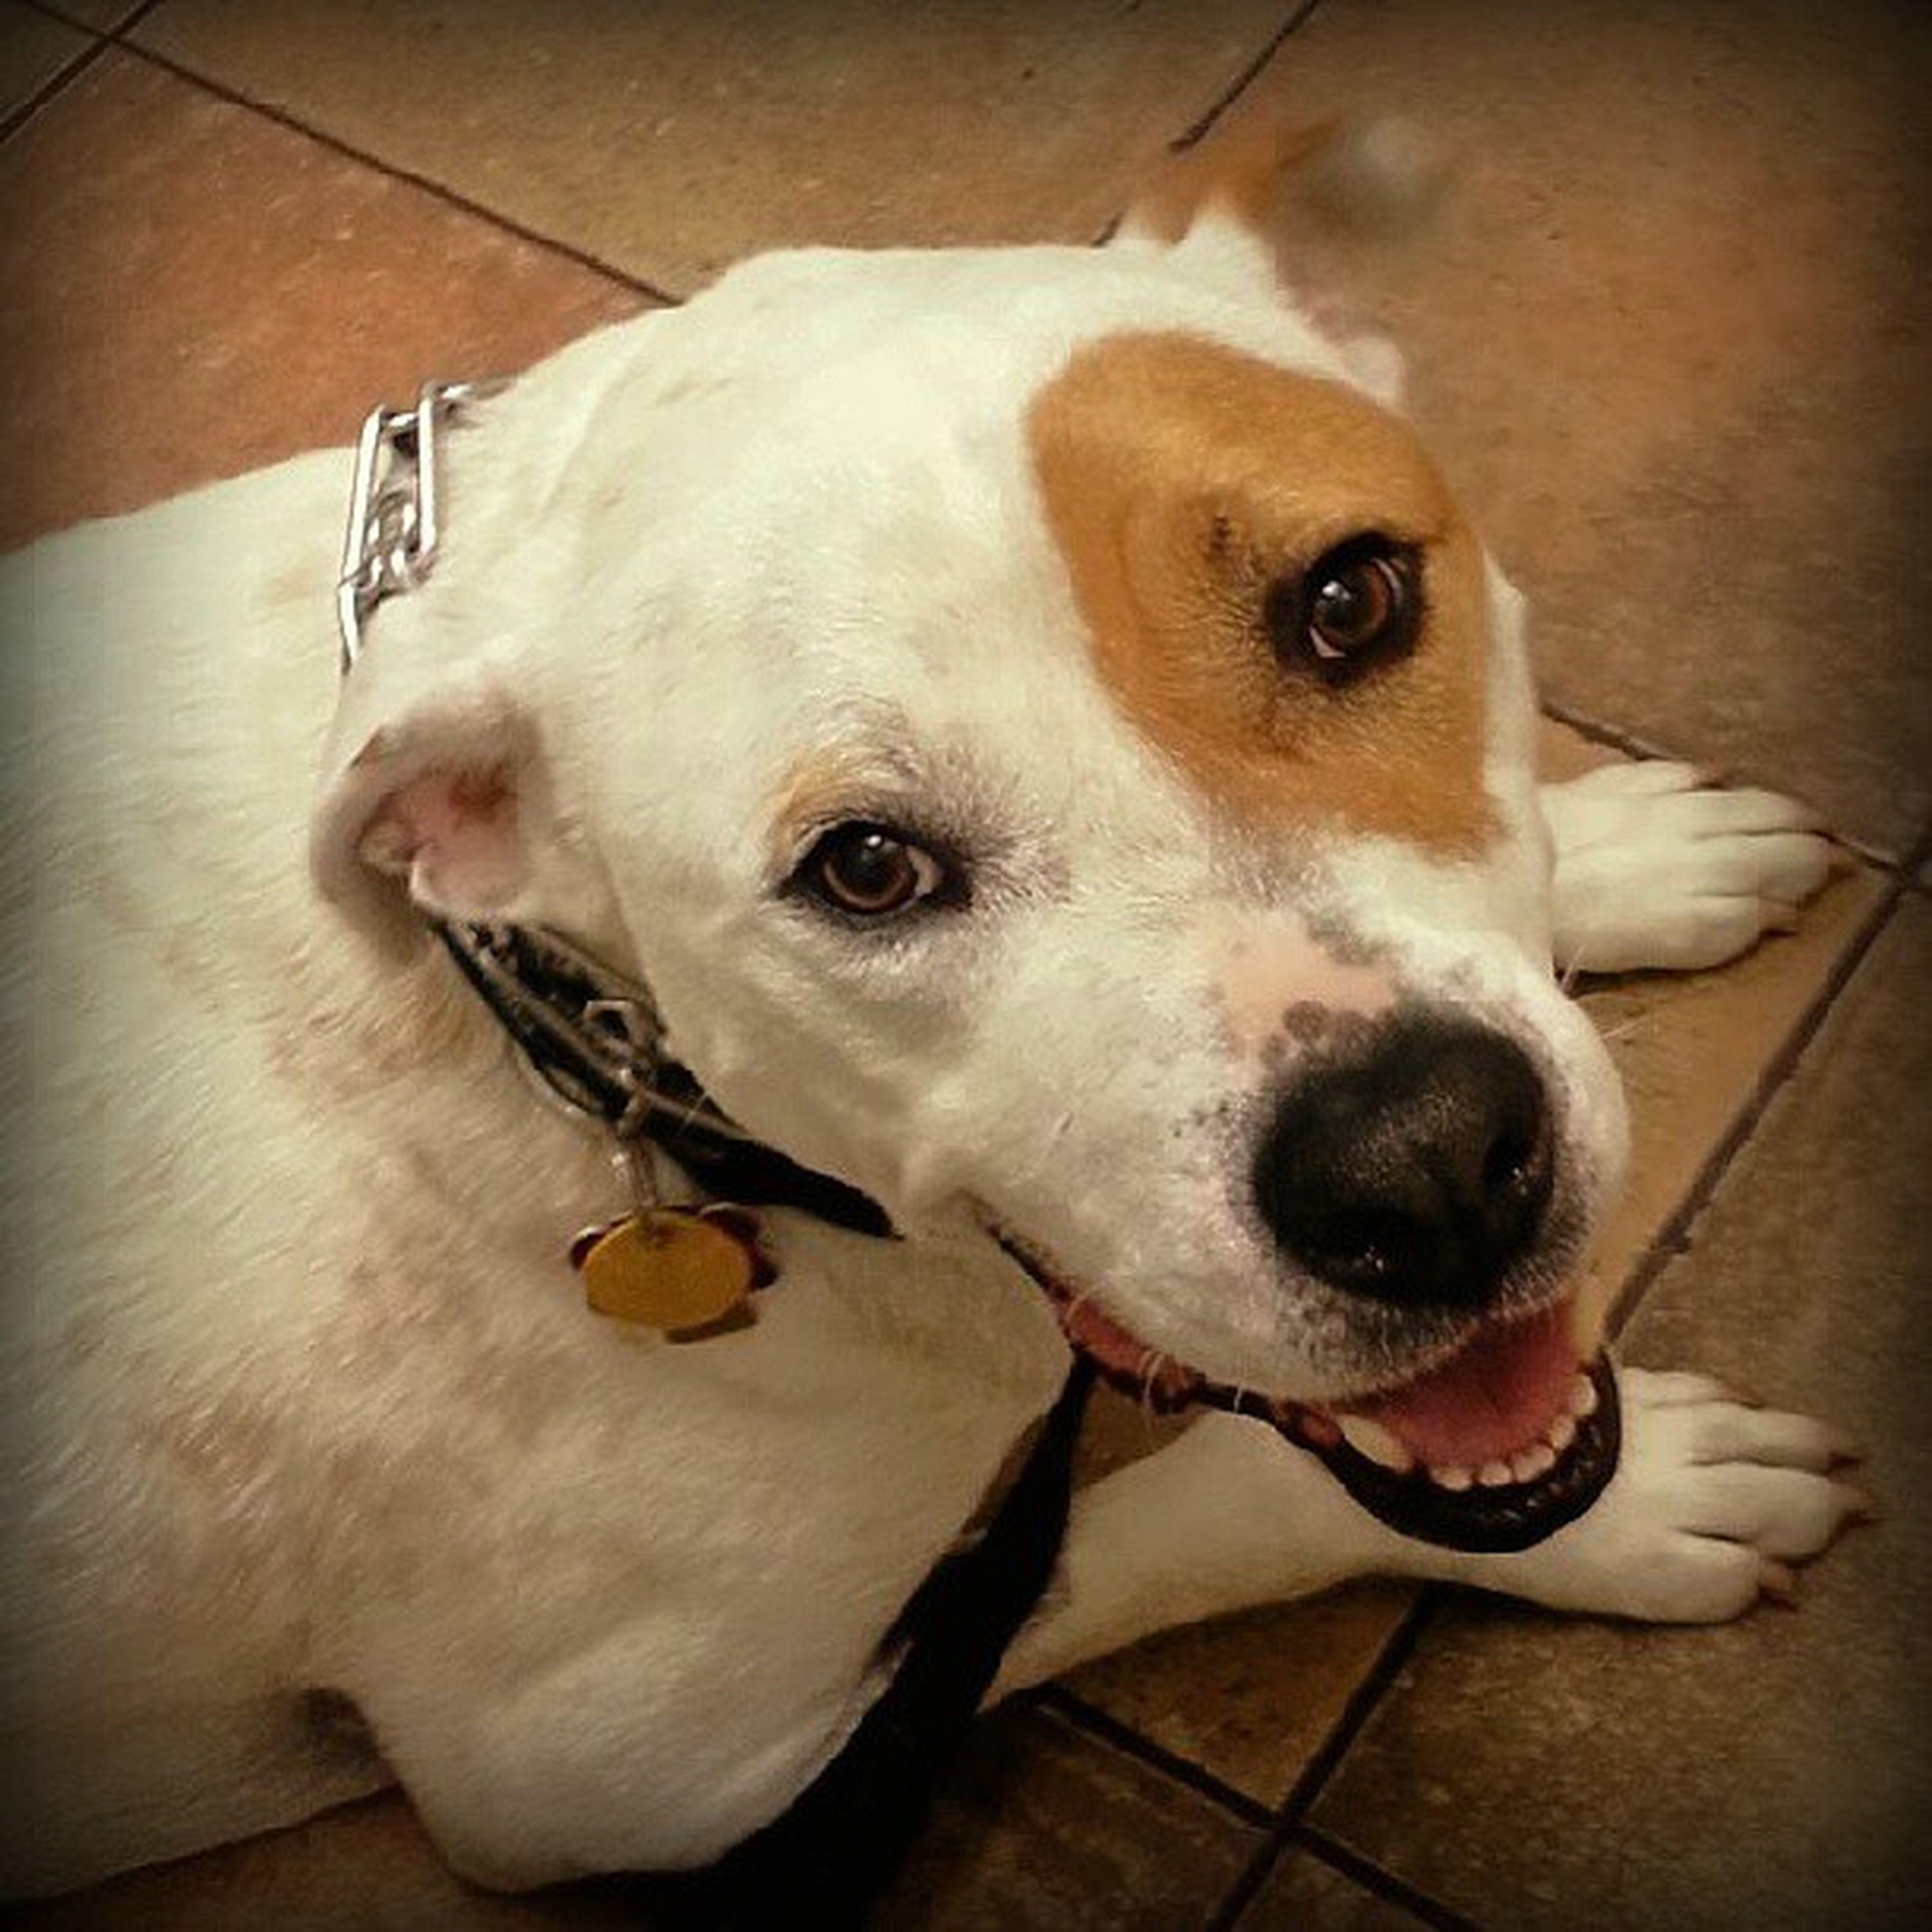 Momma's handsome boy at his checkup Shockey Pittiesmile Lovemydog Pitbullmomma